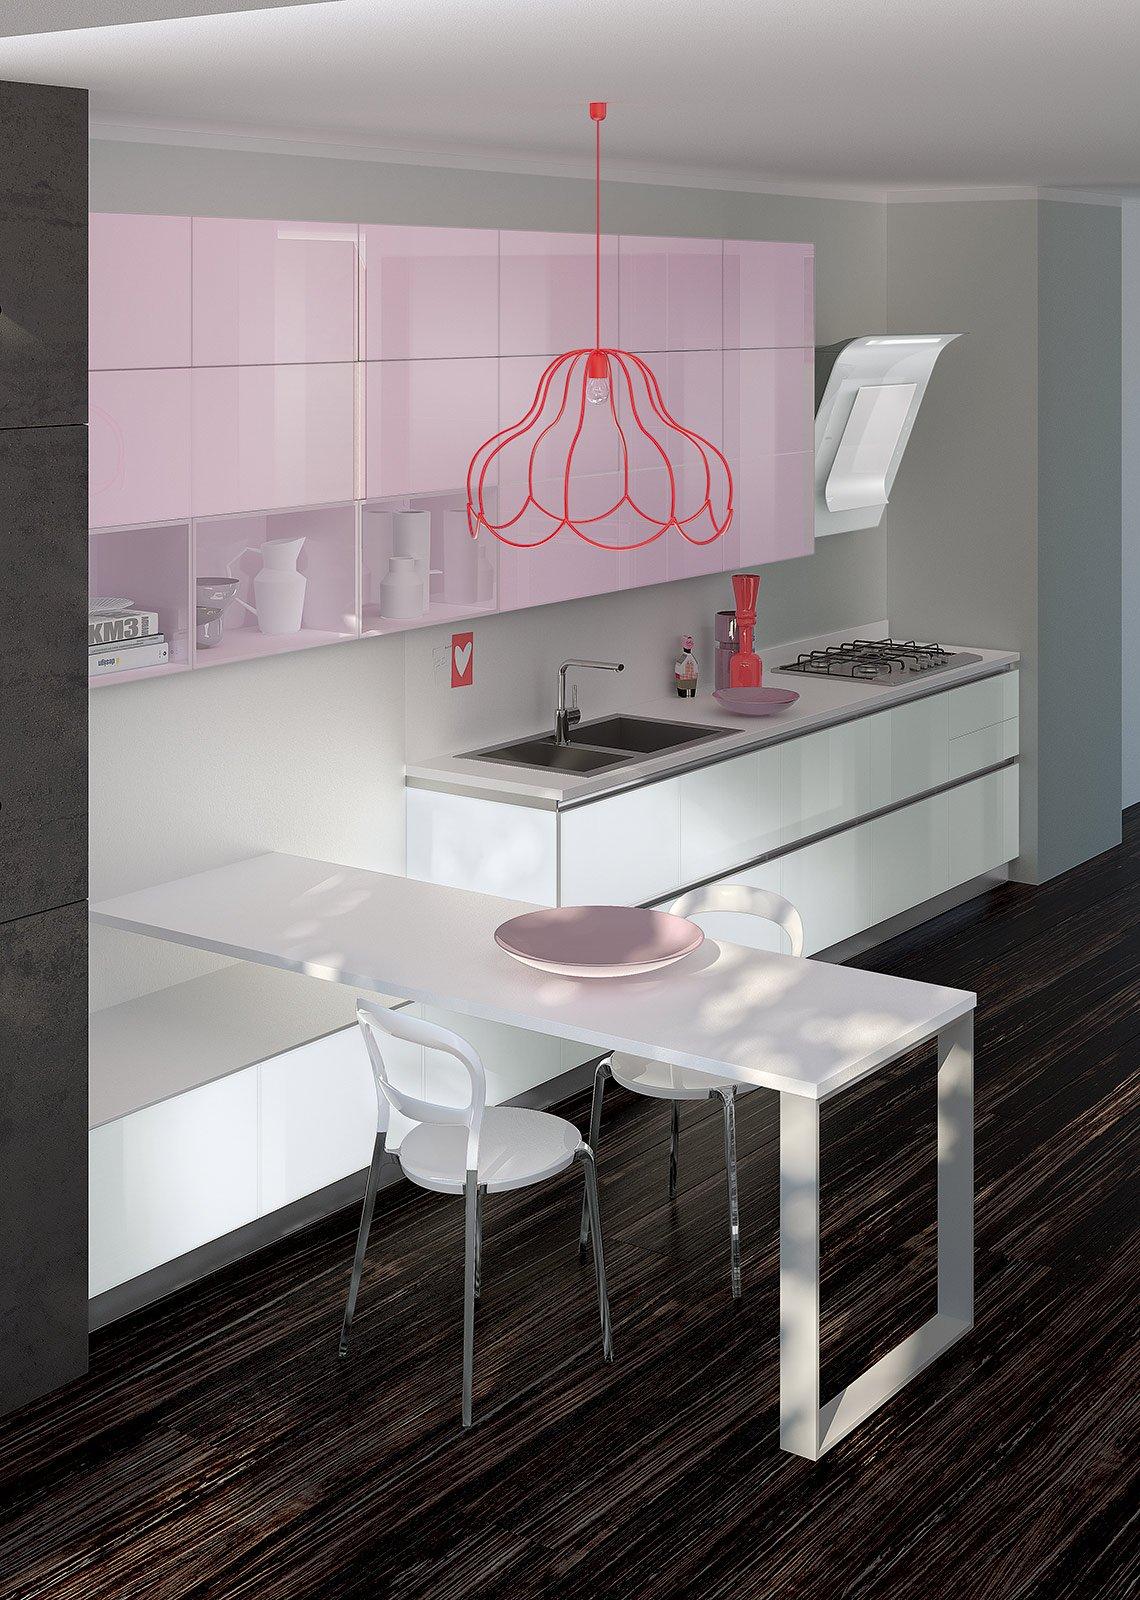 Di Tetrix La Coloratissima Cucina Di Scavolini: Il Lavello A Filo Del  #6F4642 1140 1600 Altezza Del Top Della Cucina